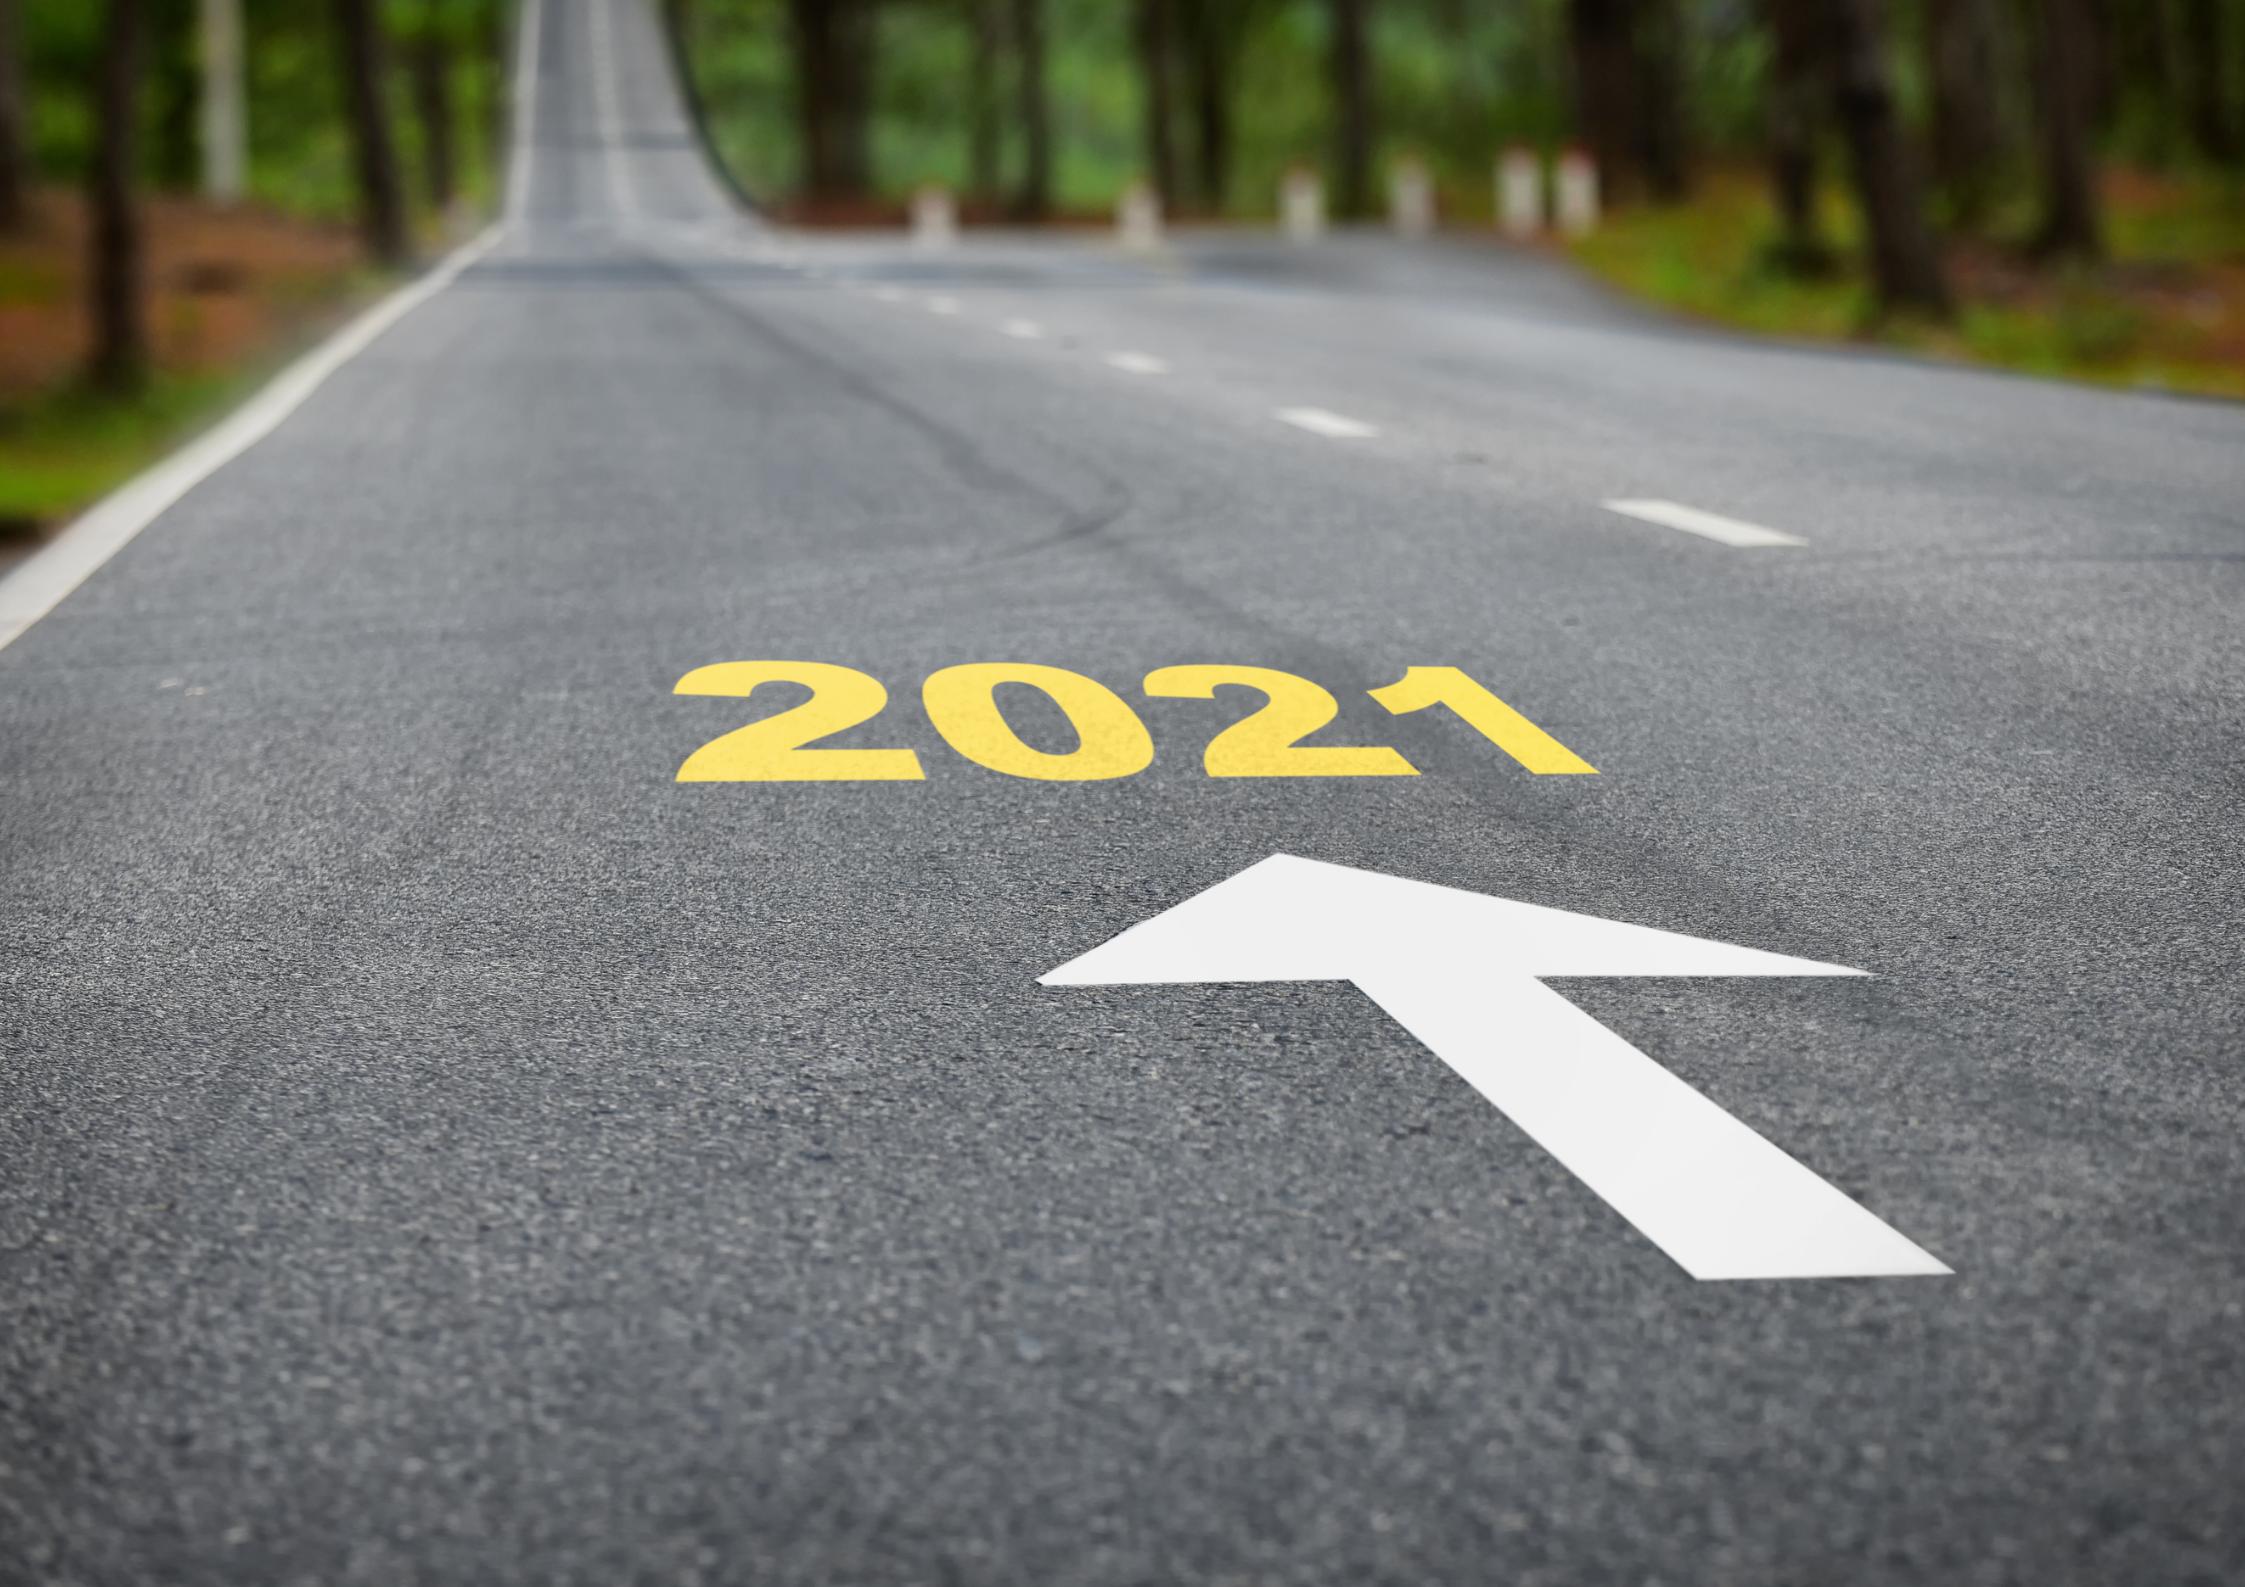 2021 une année cruciale dans la lutte contre le réchauffement climatique